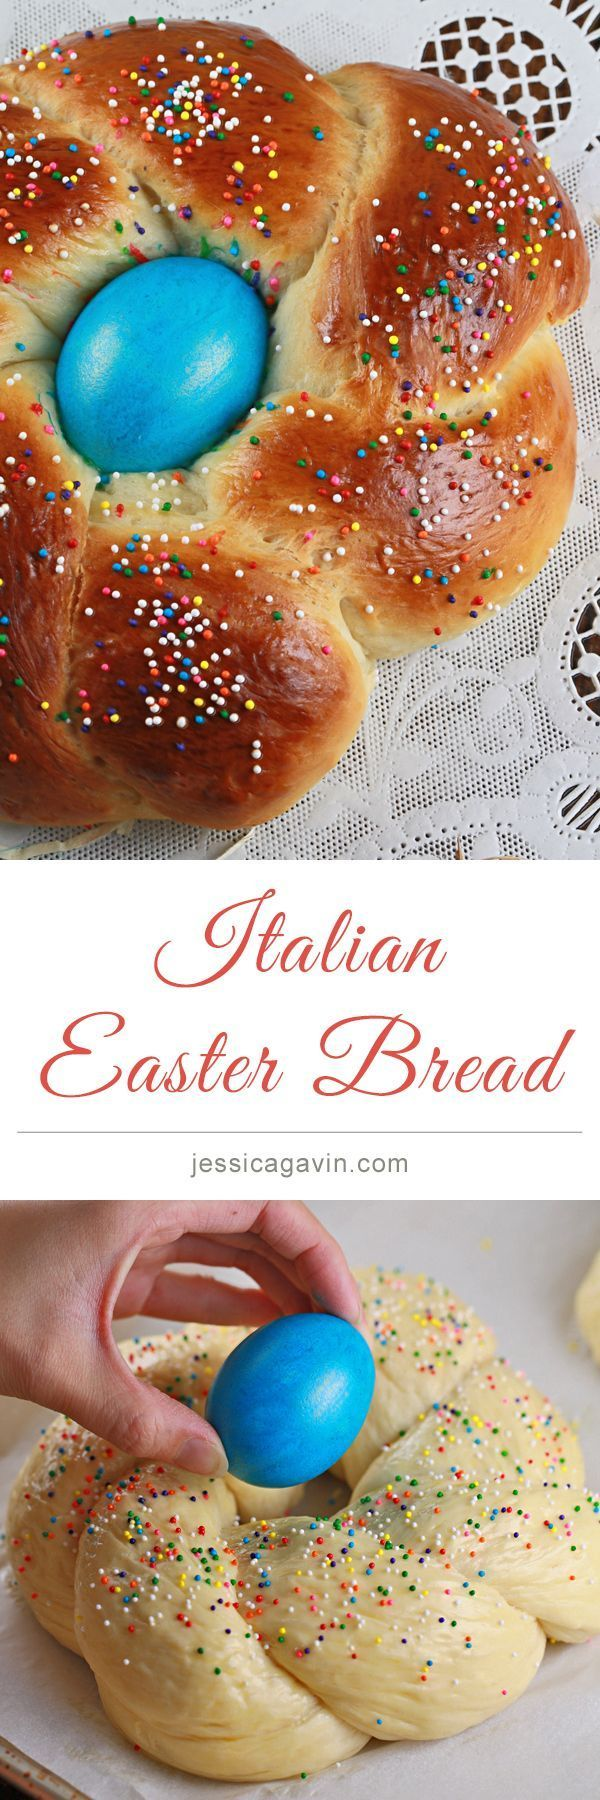 Delicious Italian Easter Bread Recipe | jessicagavin.com